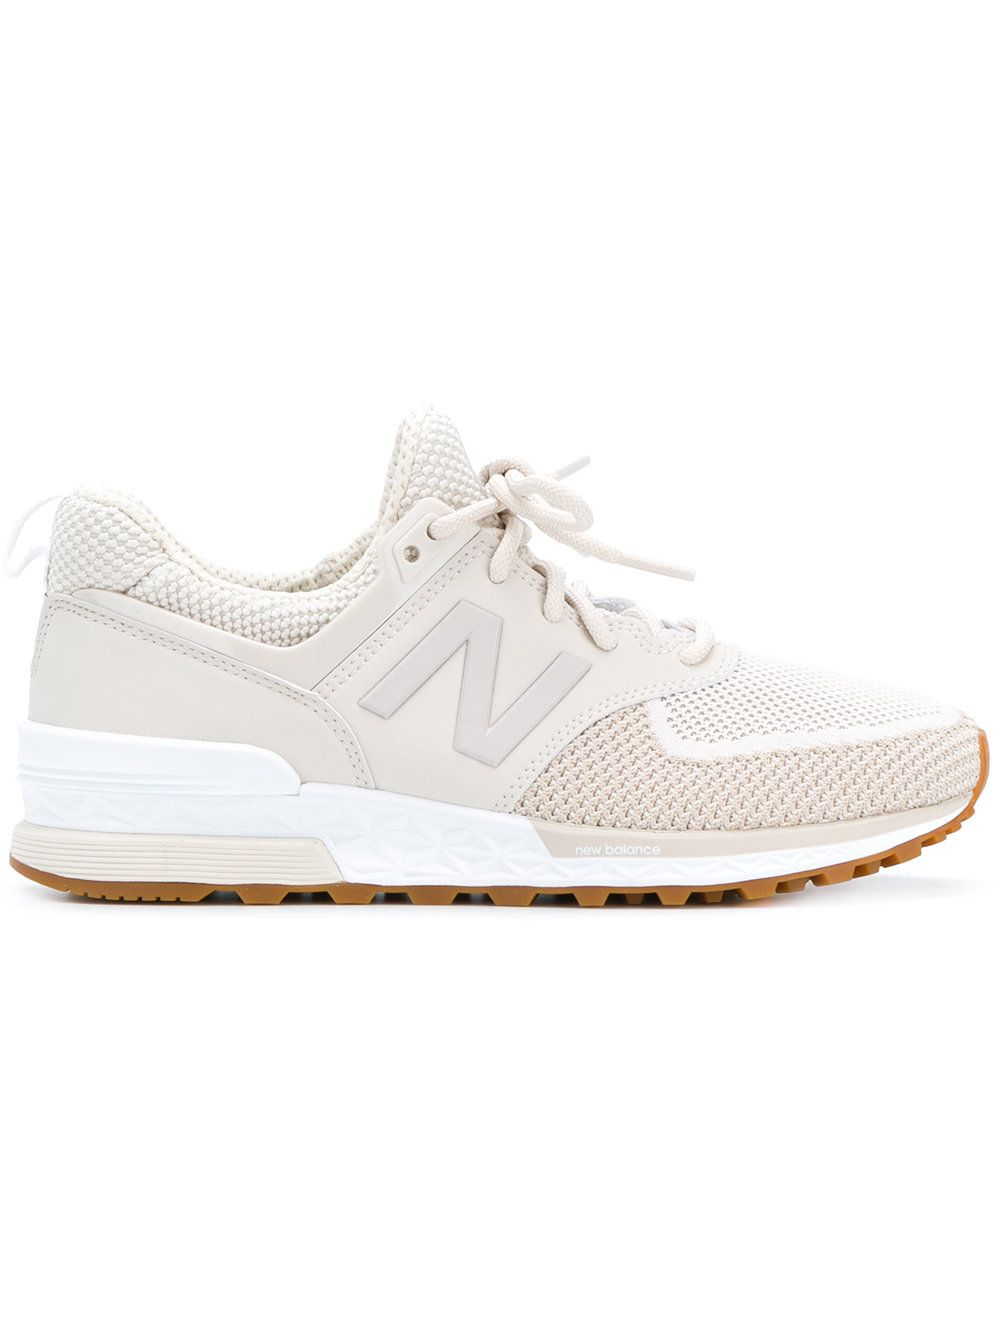 574 Nouvelles Chaussures De Sport - Nue & Tons Neutres Nouvel Équilibre 45SGA3LCnV